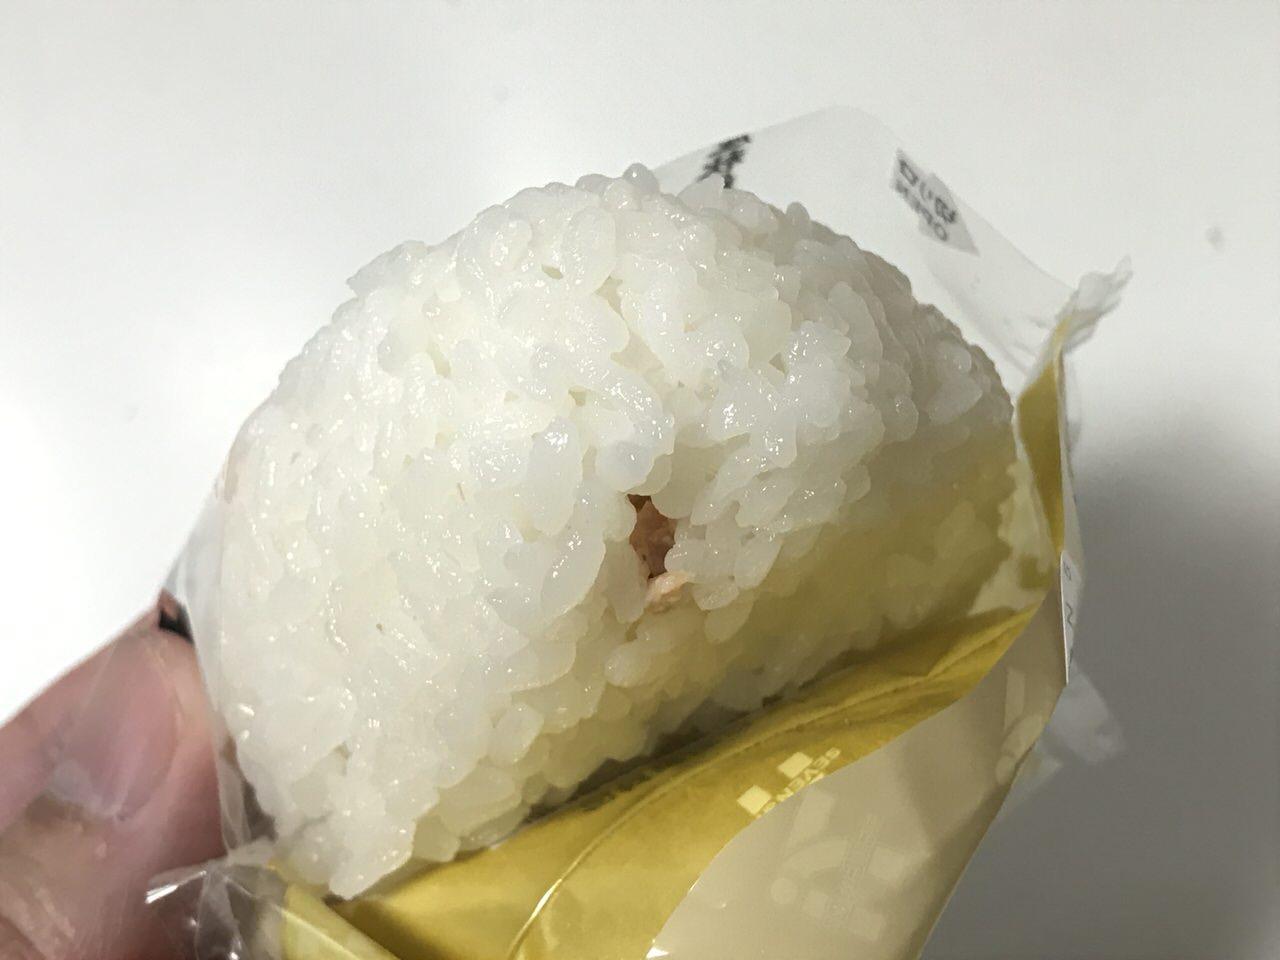 セブンイレブンの厳選米おにぎりが美味しすぎるのですが‥‥